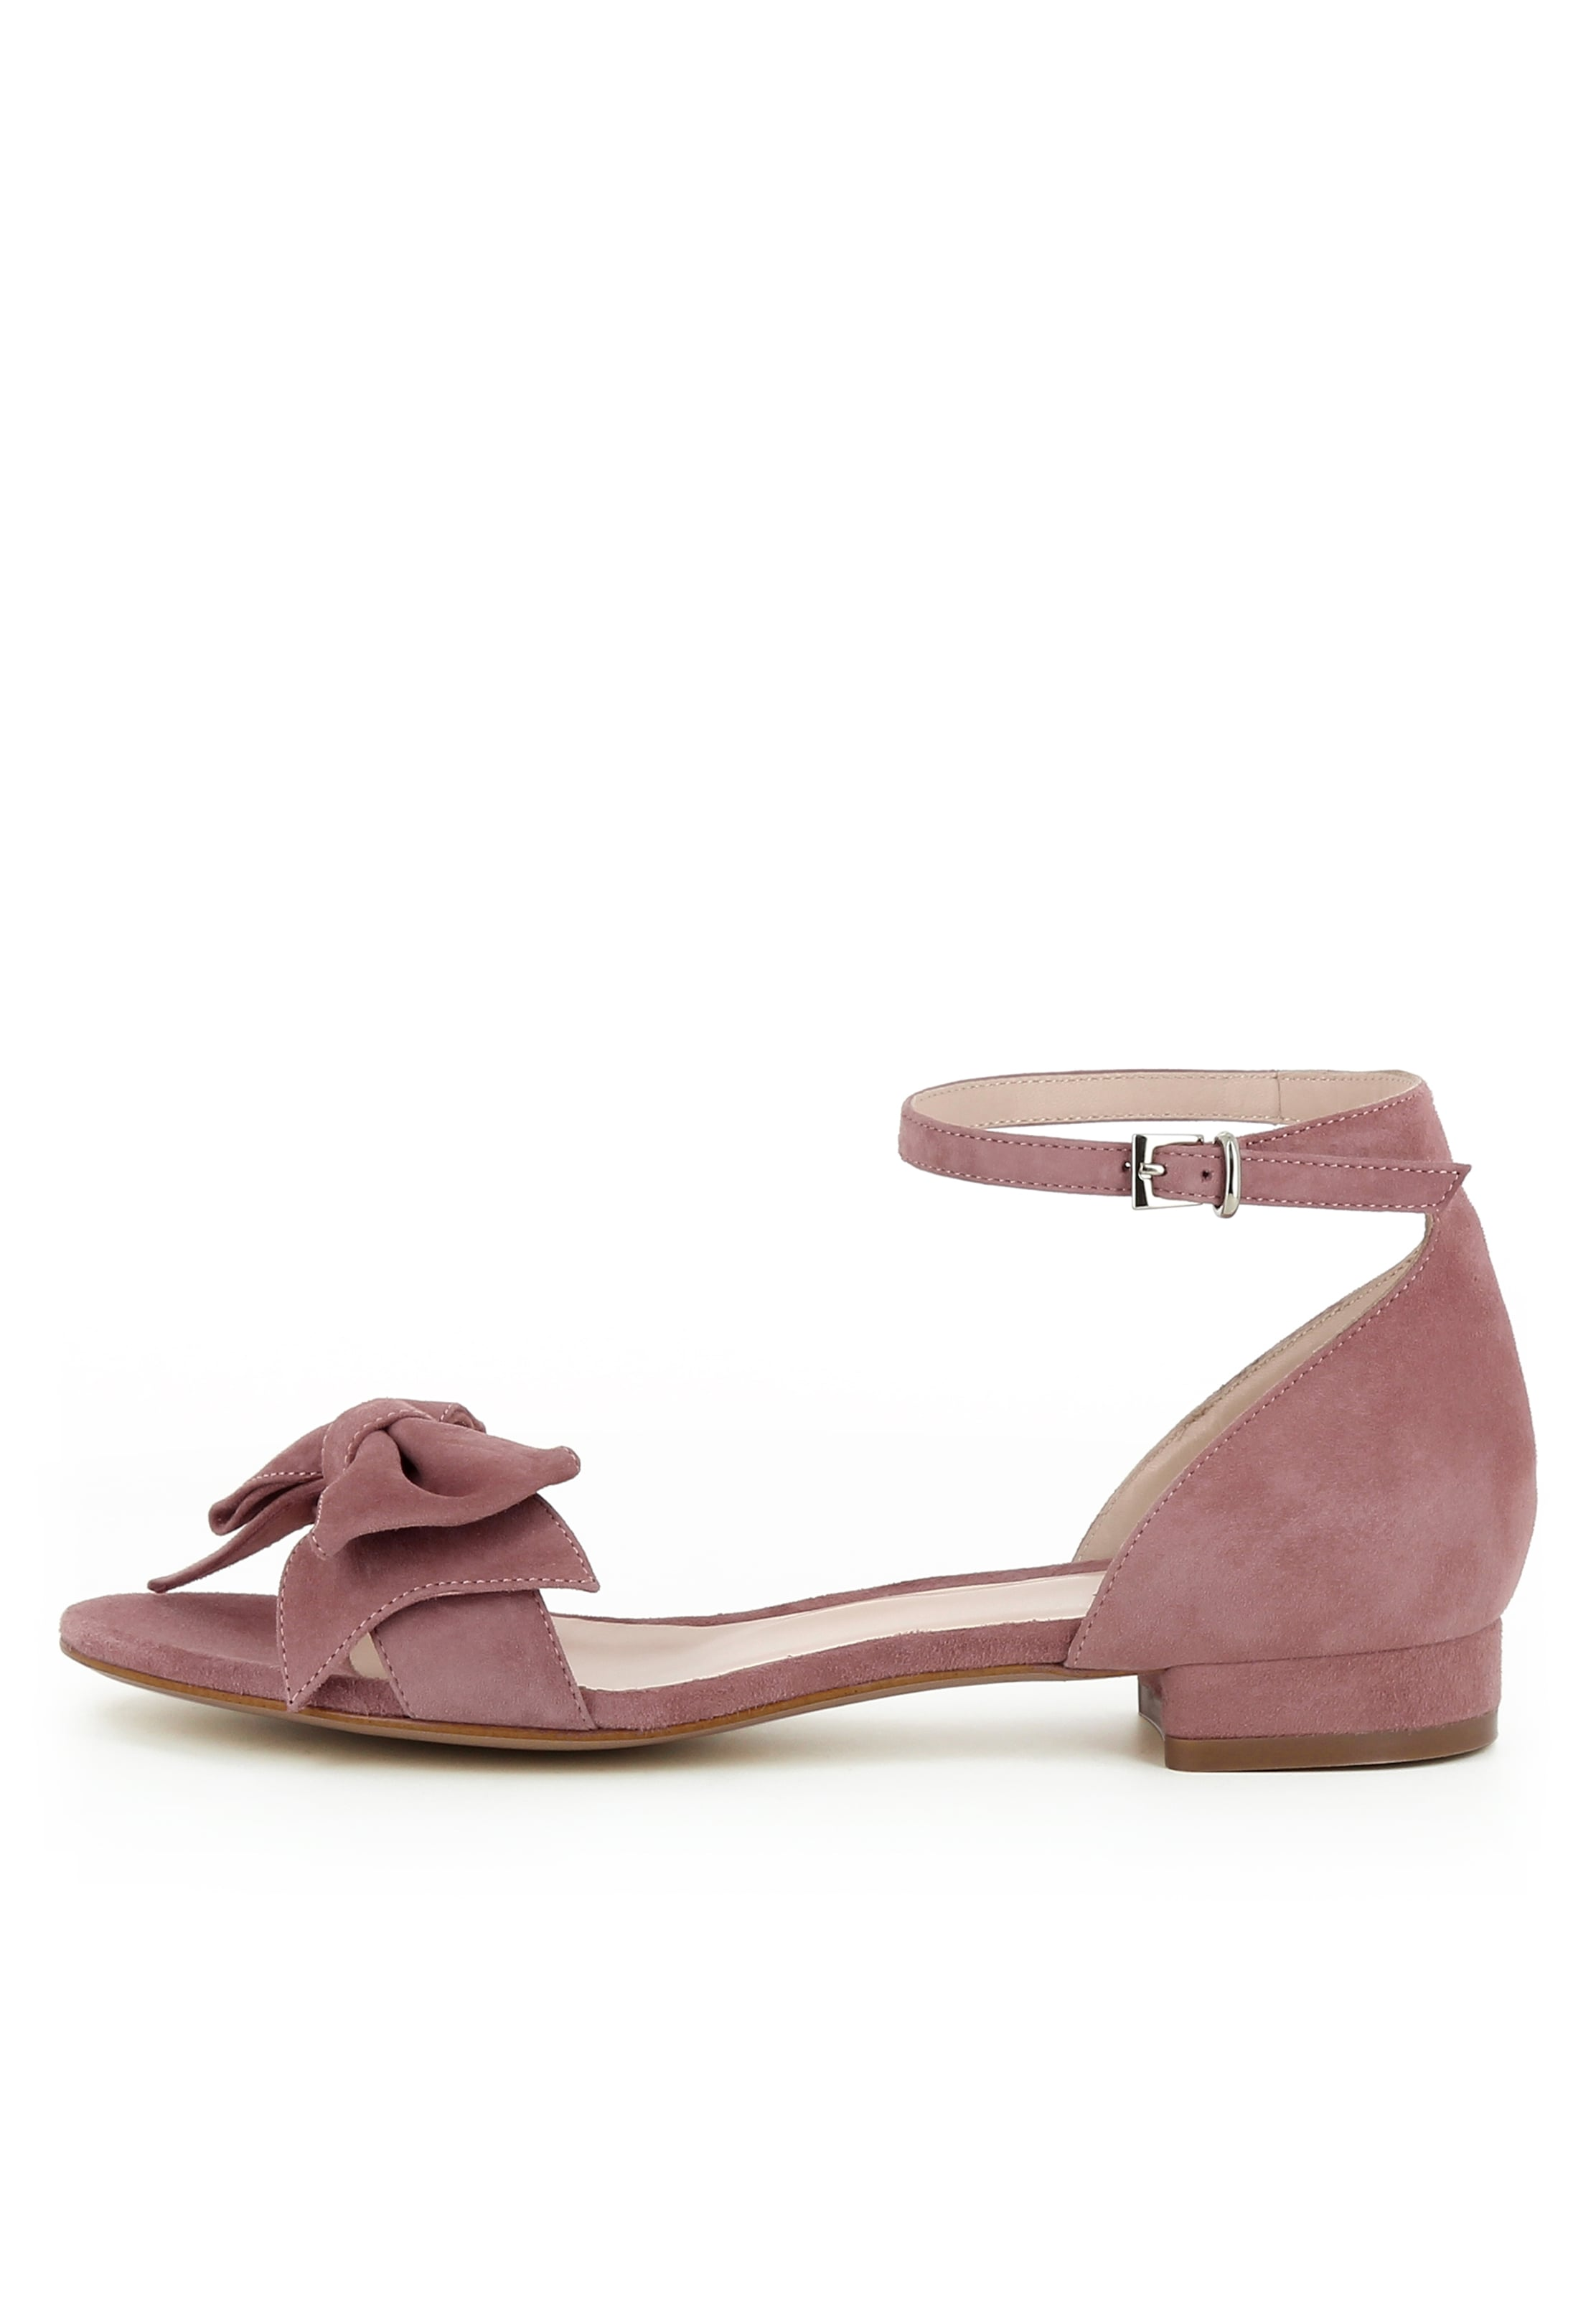 Evita 'salvina' In In 'salvina' Sandale Sandale 'salvina' Sandale Rosé Rosé Evita Evita 8nmN0w